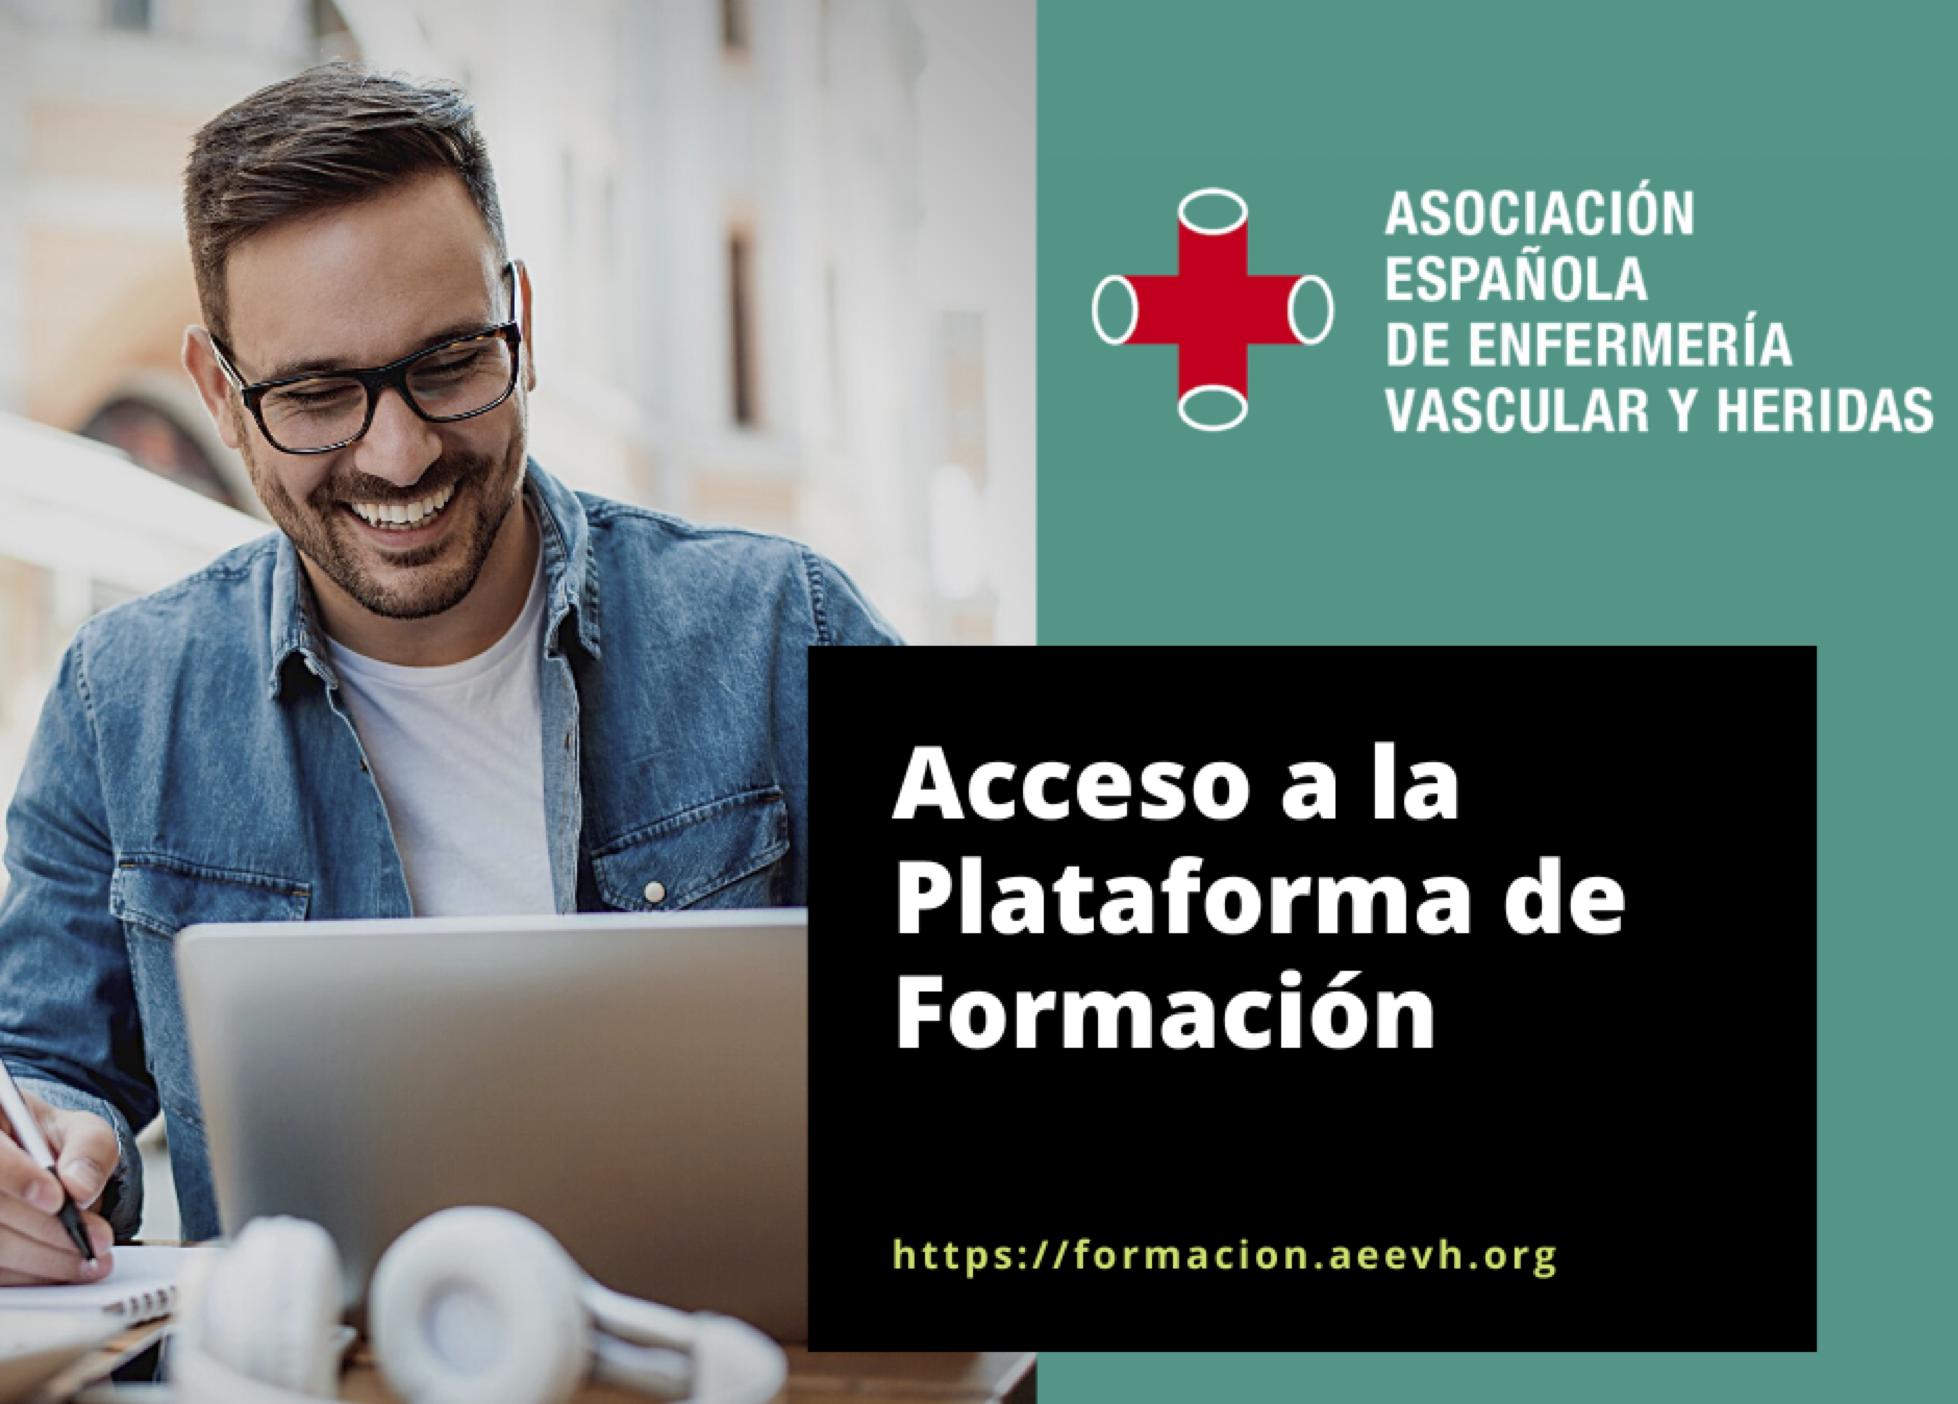 Acceso a la Plataforma de Formación de la AEEVH